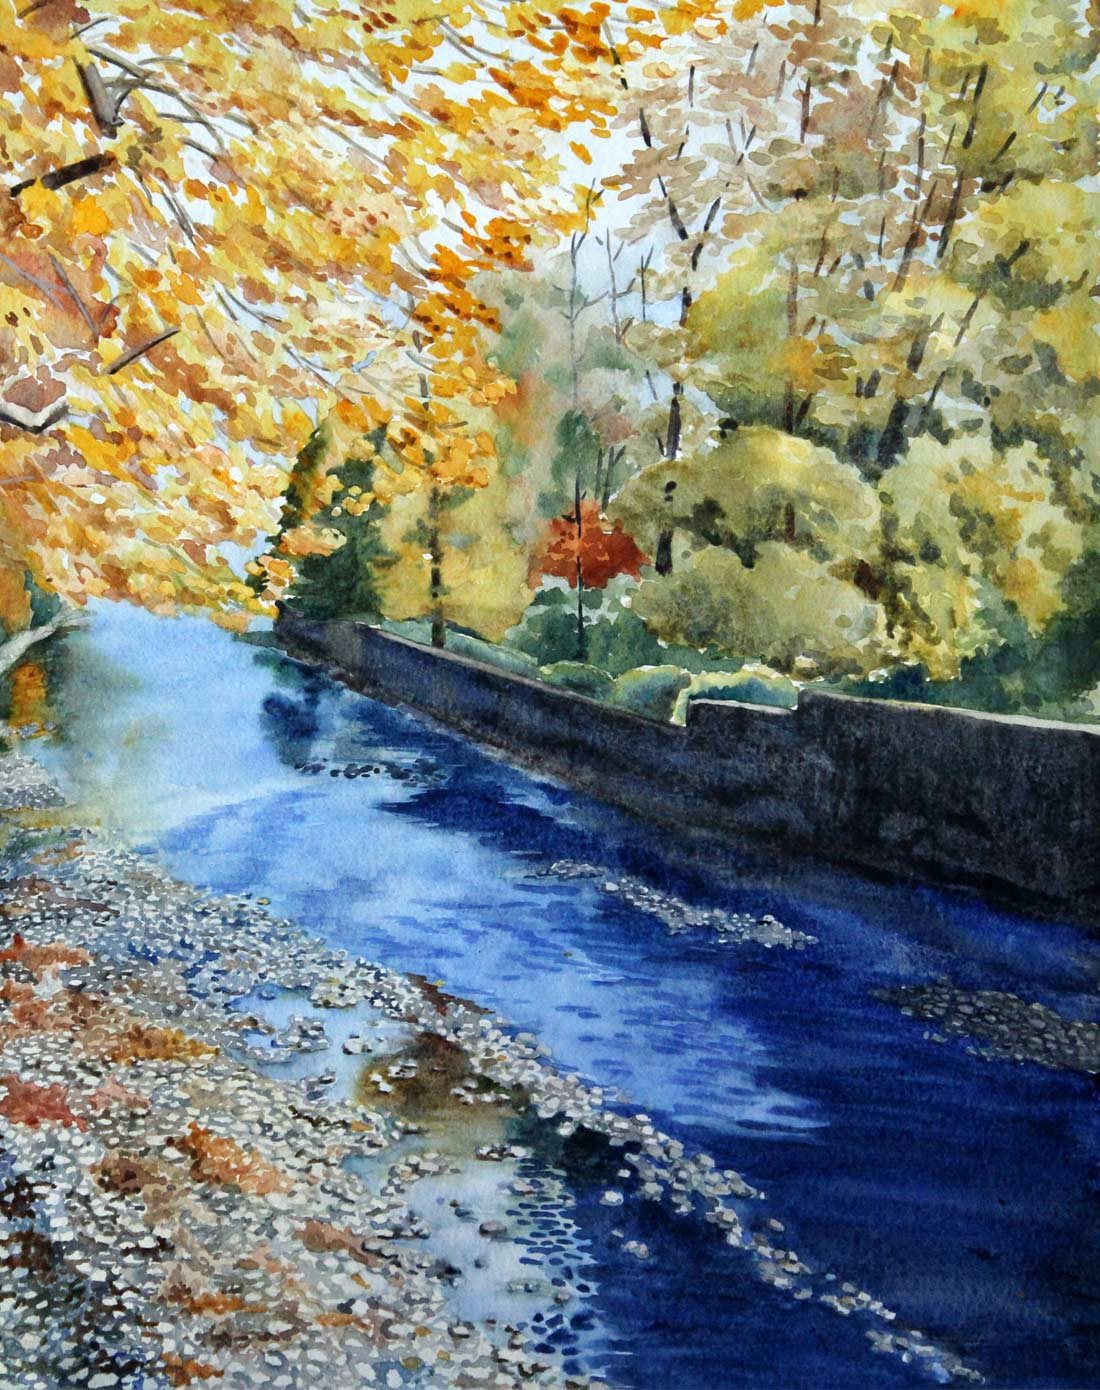 著名旅行家sofia费志群水彩画艺术收藏品画作原作《彩色小溪》50.